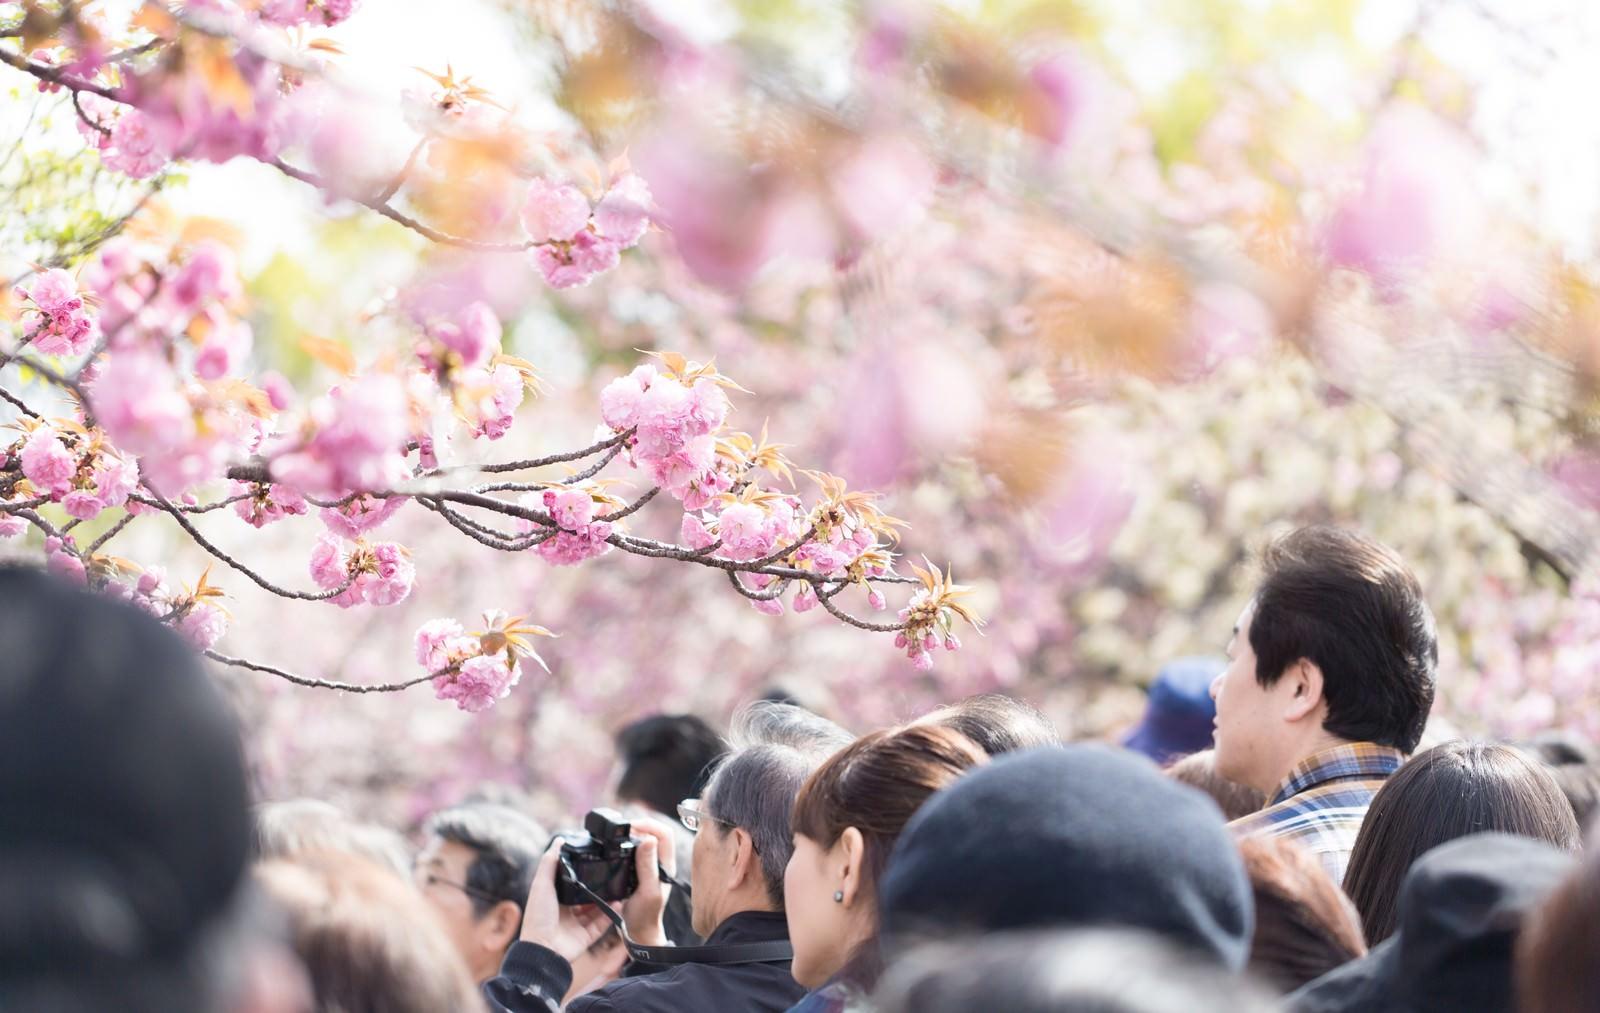 花見に訪れた観光客の写真(画像)を無料ダウンロード - フリー素材のぱくたそ